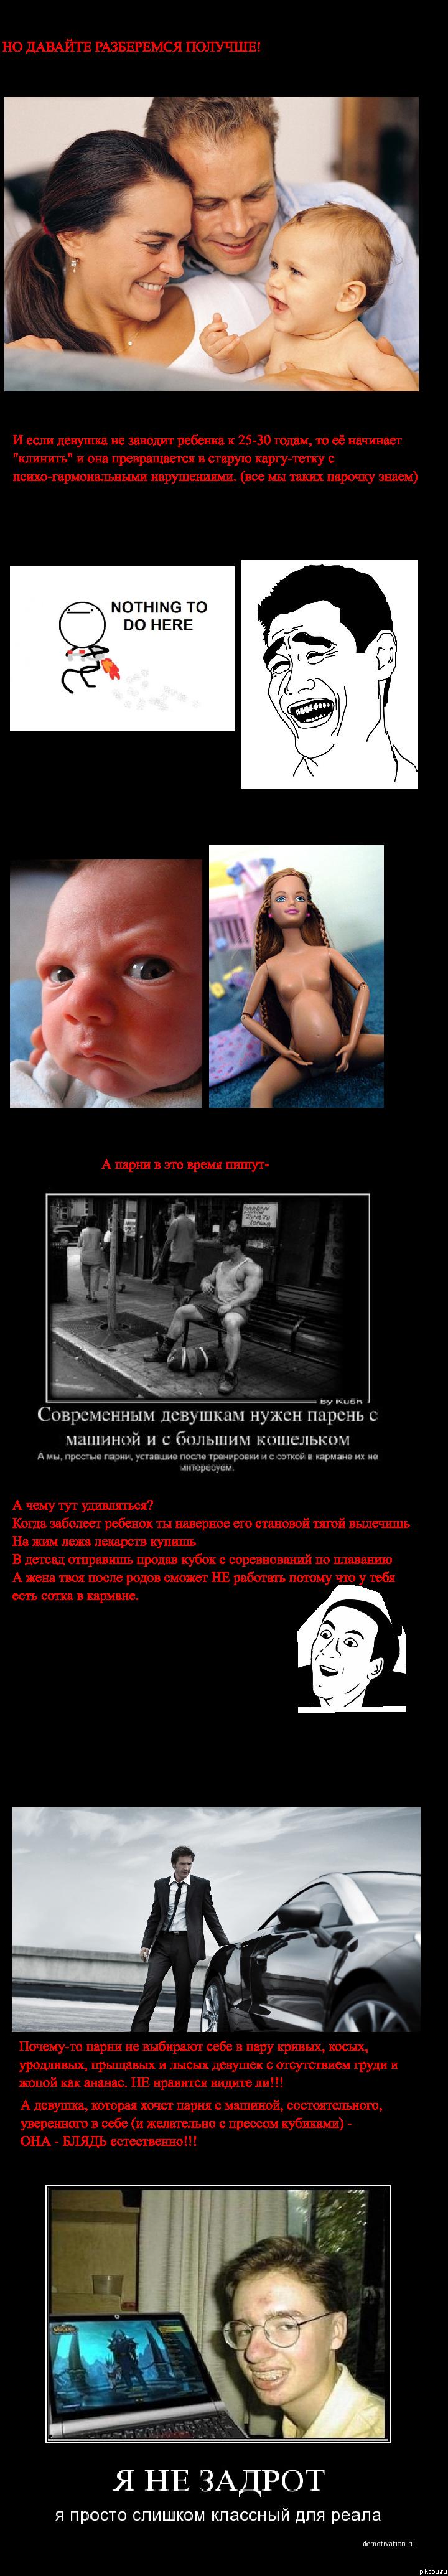 Трахает женщины ругаются матом а их ебут